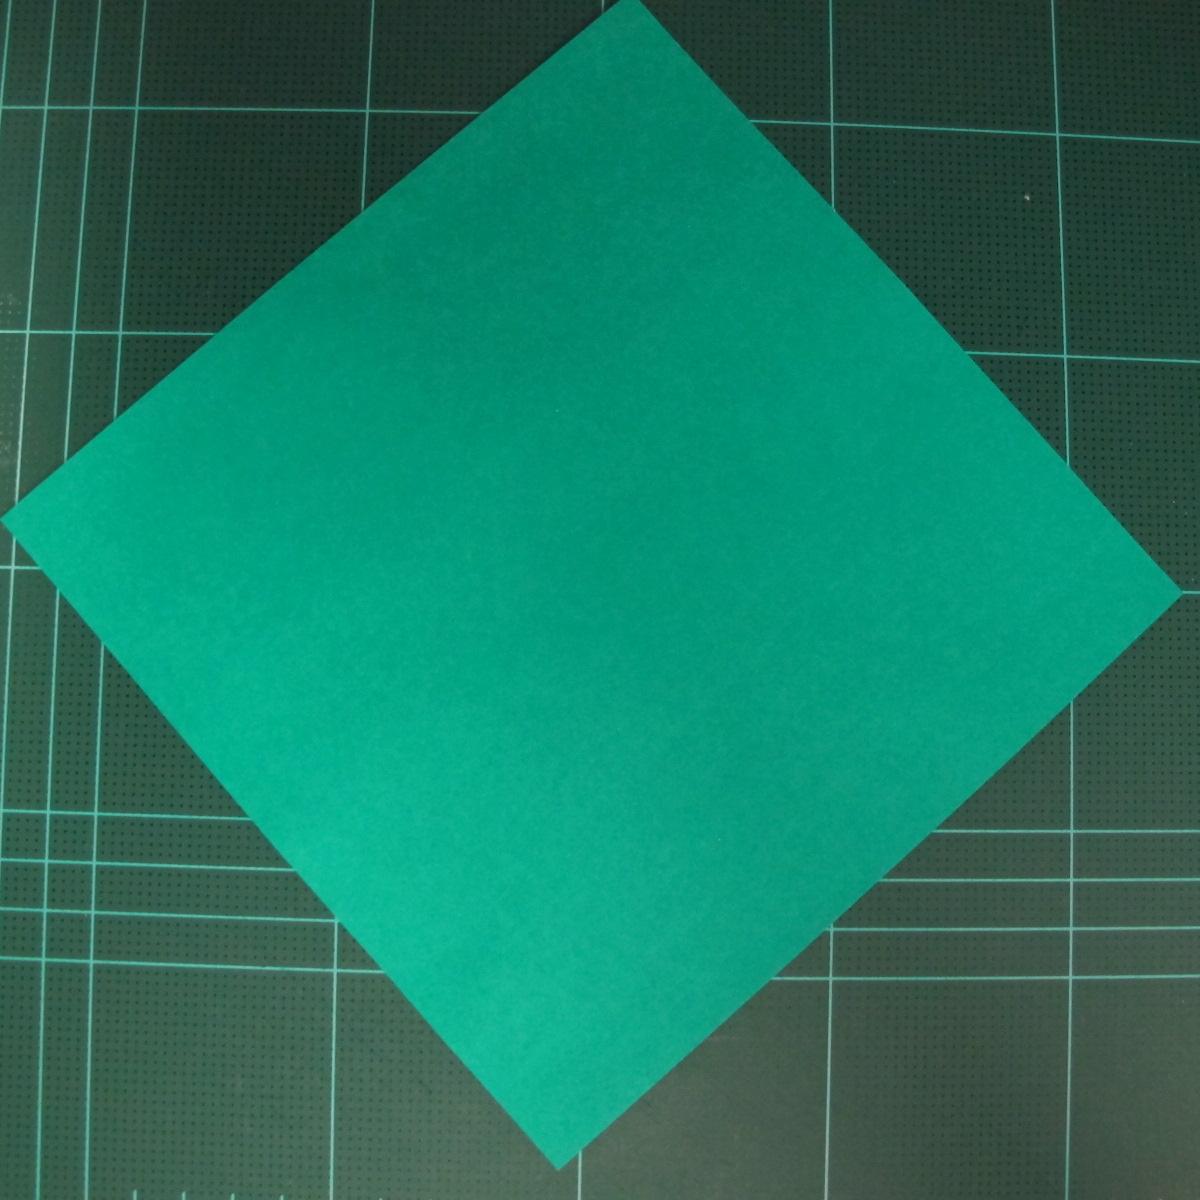 การพับกระดาษเป็นรูปเรือมังกร (Origami Dragon Boat) 001